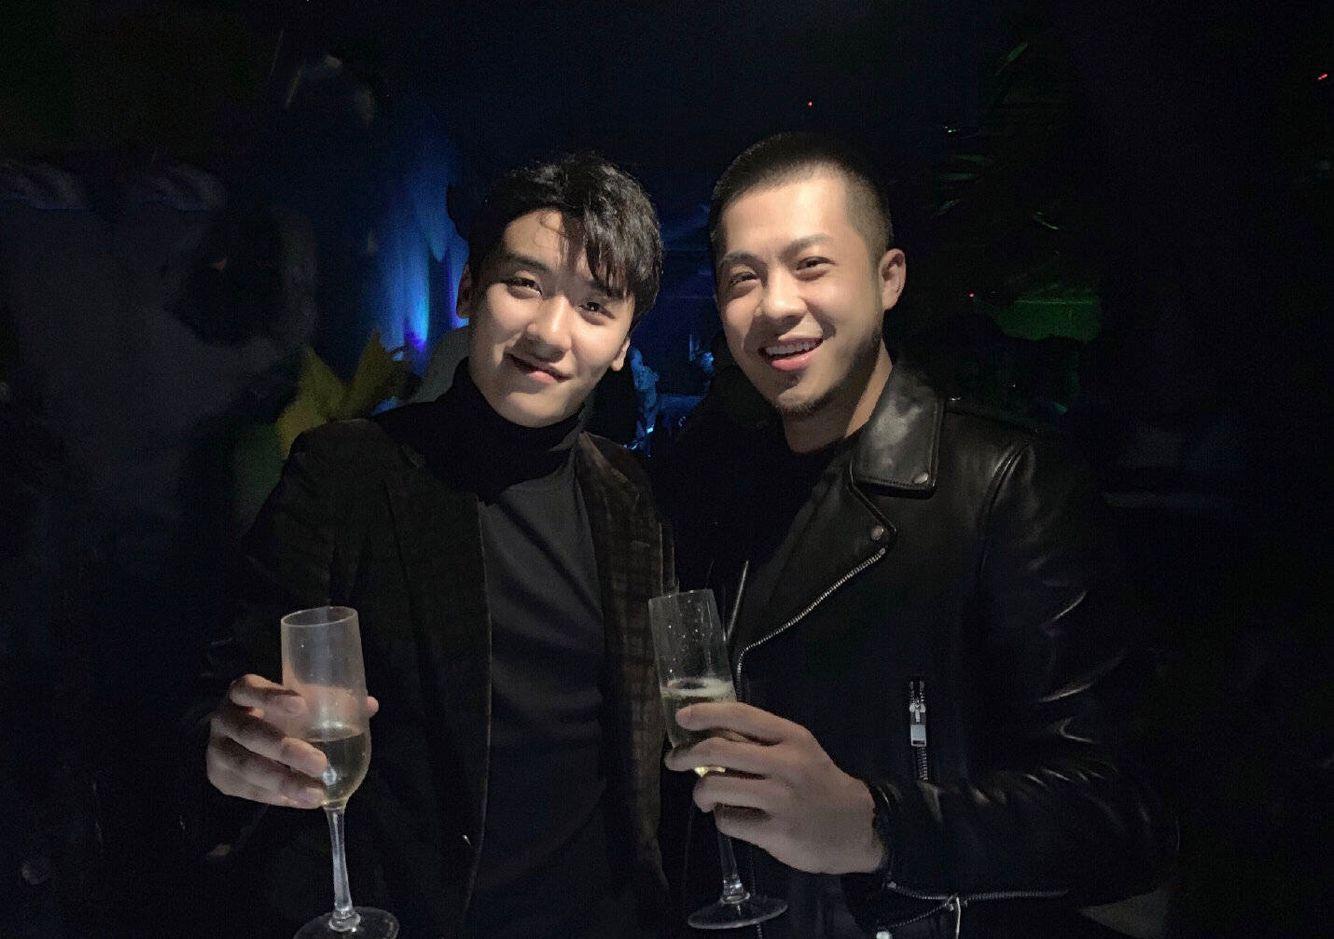 网红歌手大壮因老赖被央视法制节目马赛克,曾与Bigbang胜利合影